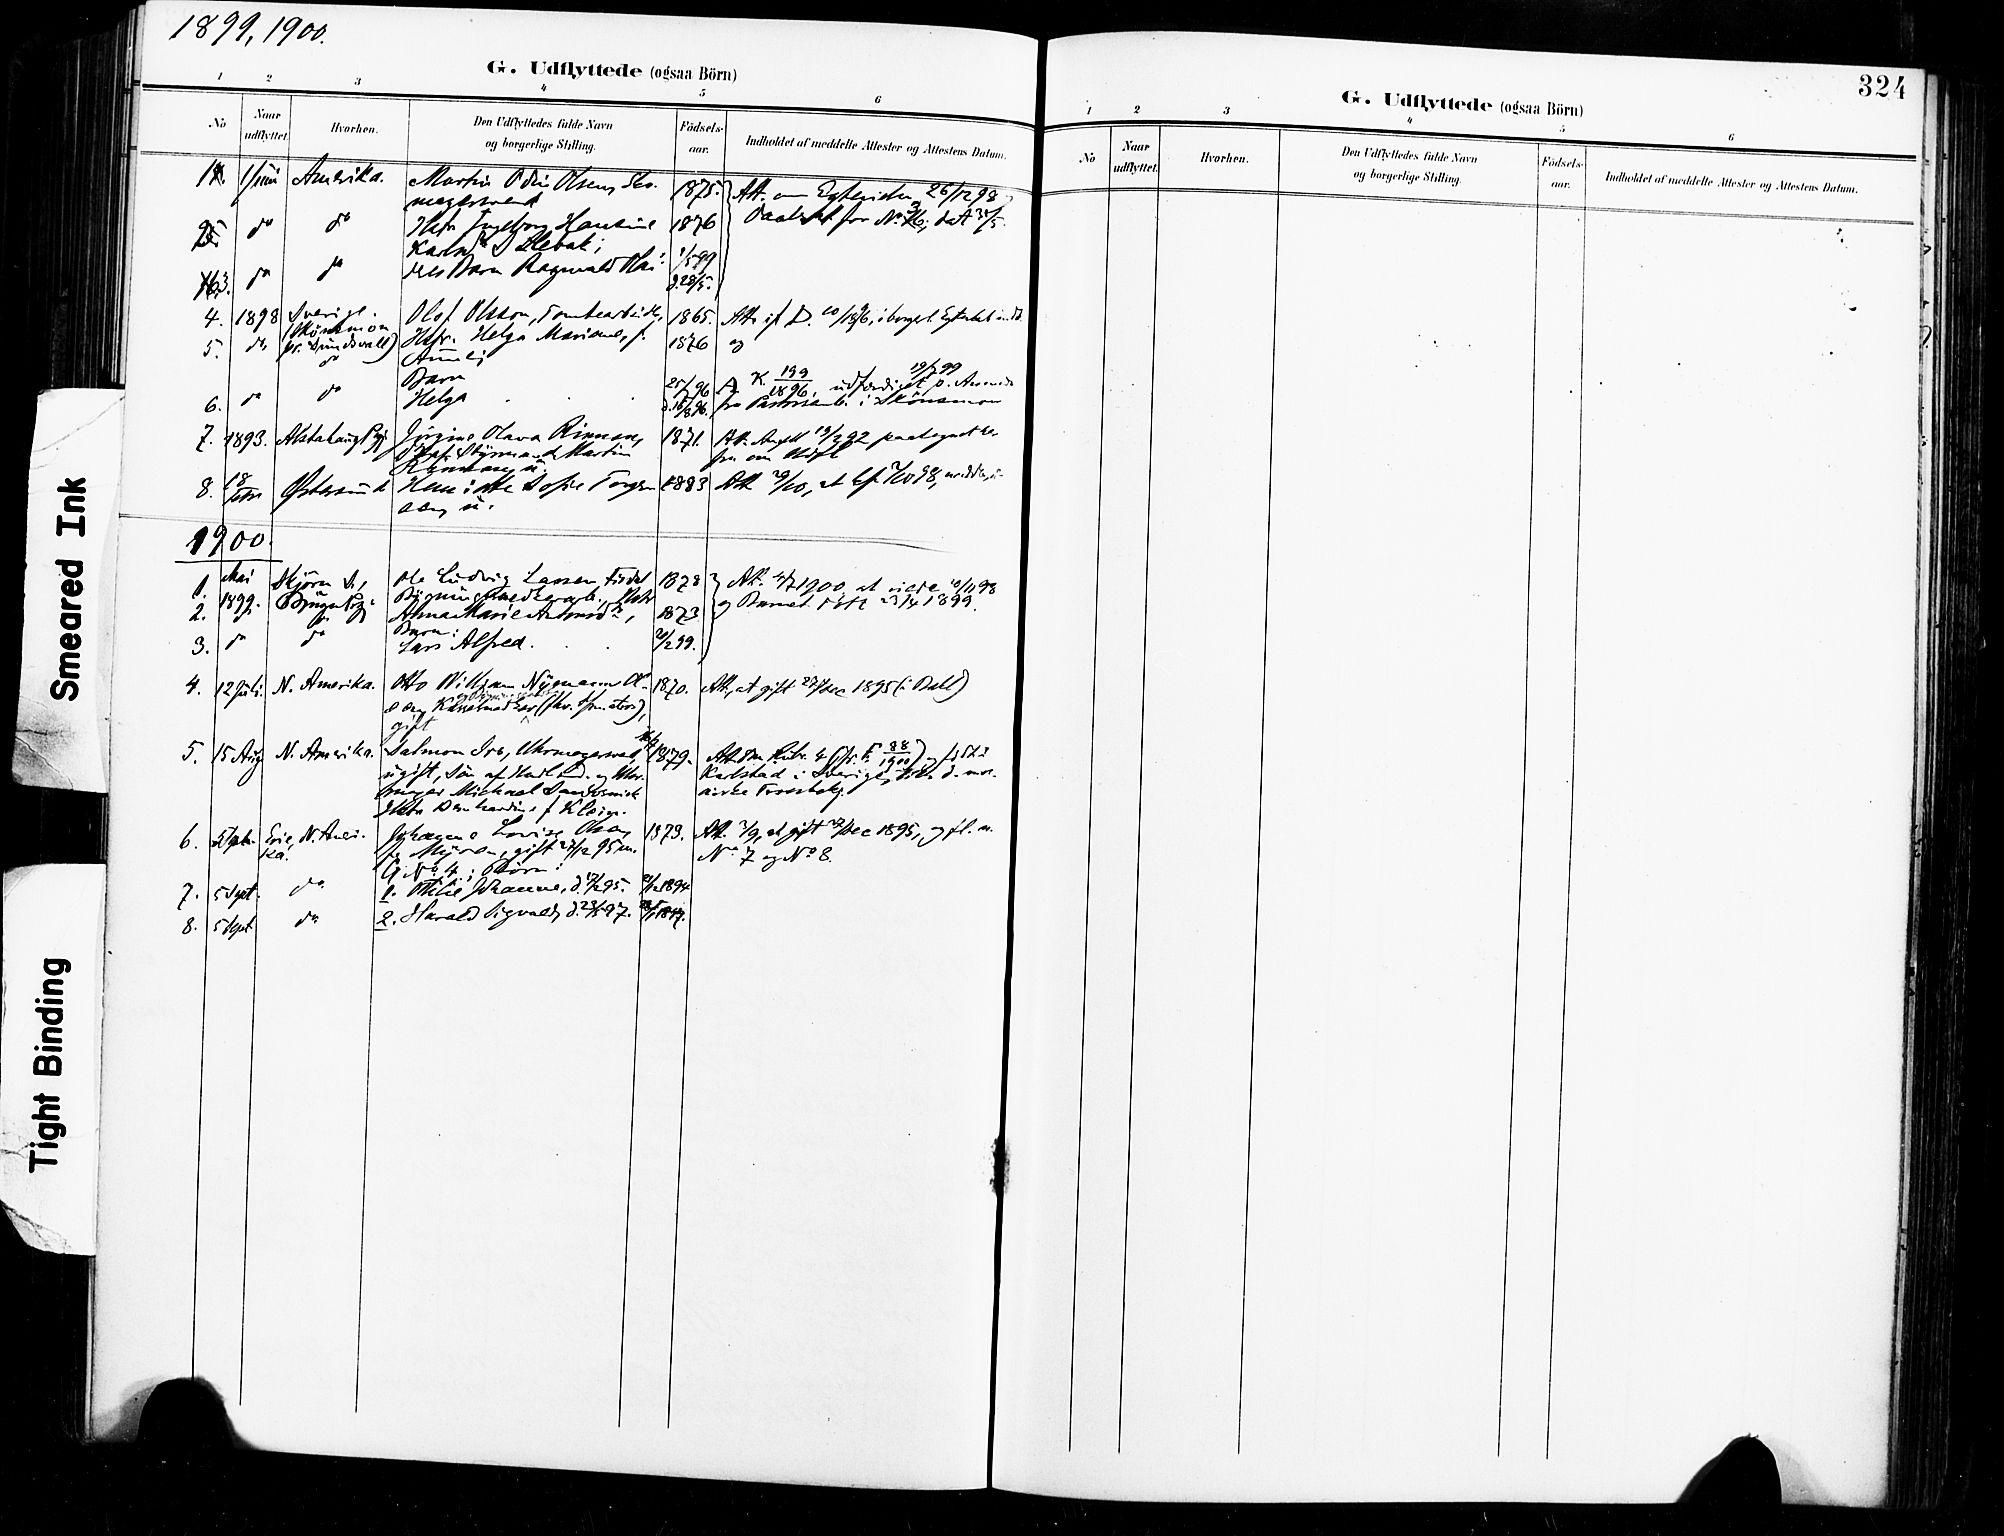 SAT, Ministerialprotokoller, klokkerbøker og fødselsregistre - Sør-Trøndelag, 604/L0198: Ministerialbok nr. 604A19, 1893-1900, s. 324